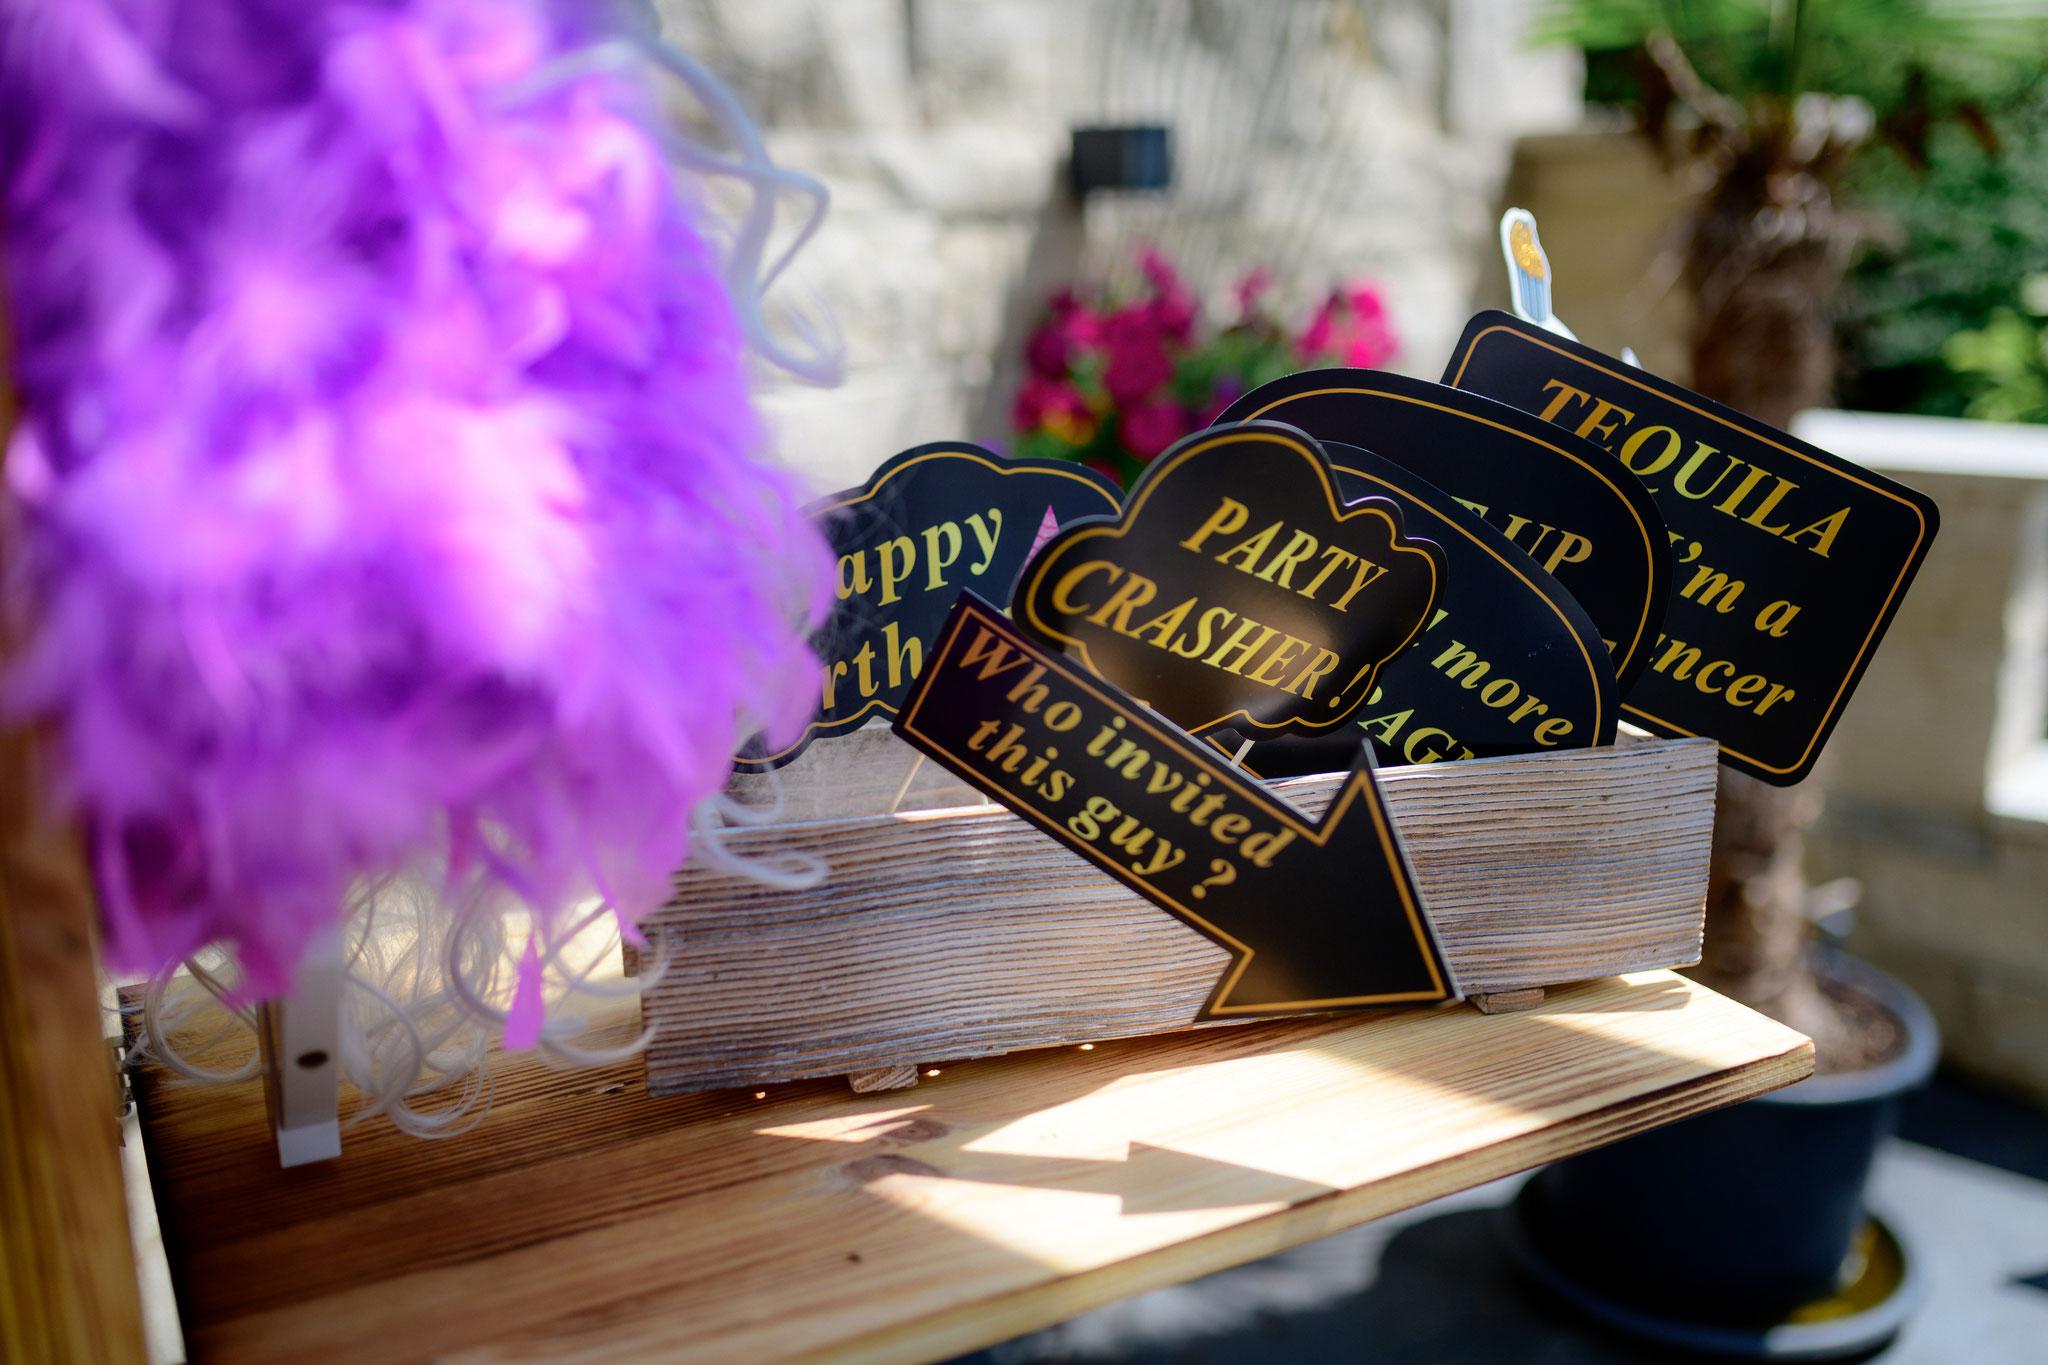 Individuelle Fun Accessoires für runde Geburtstage, Hochzeiten und mehr